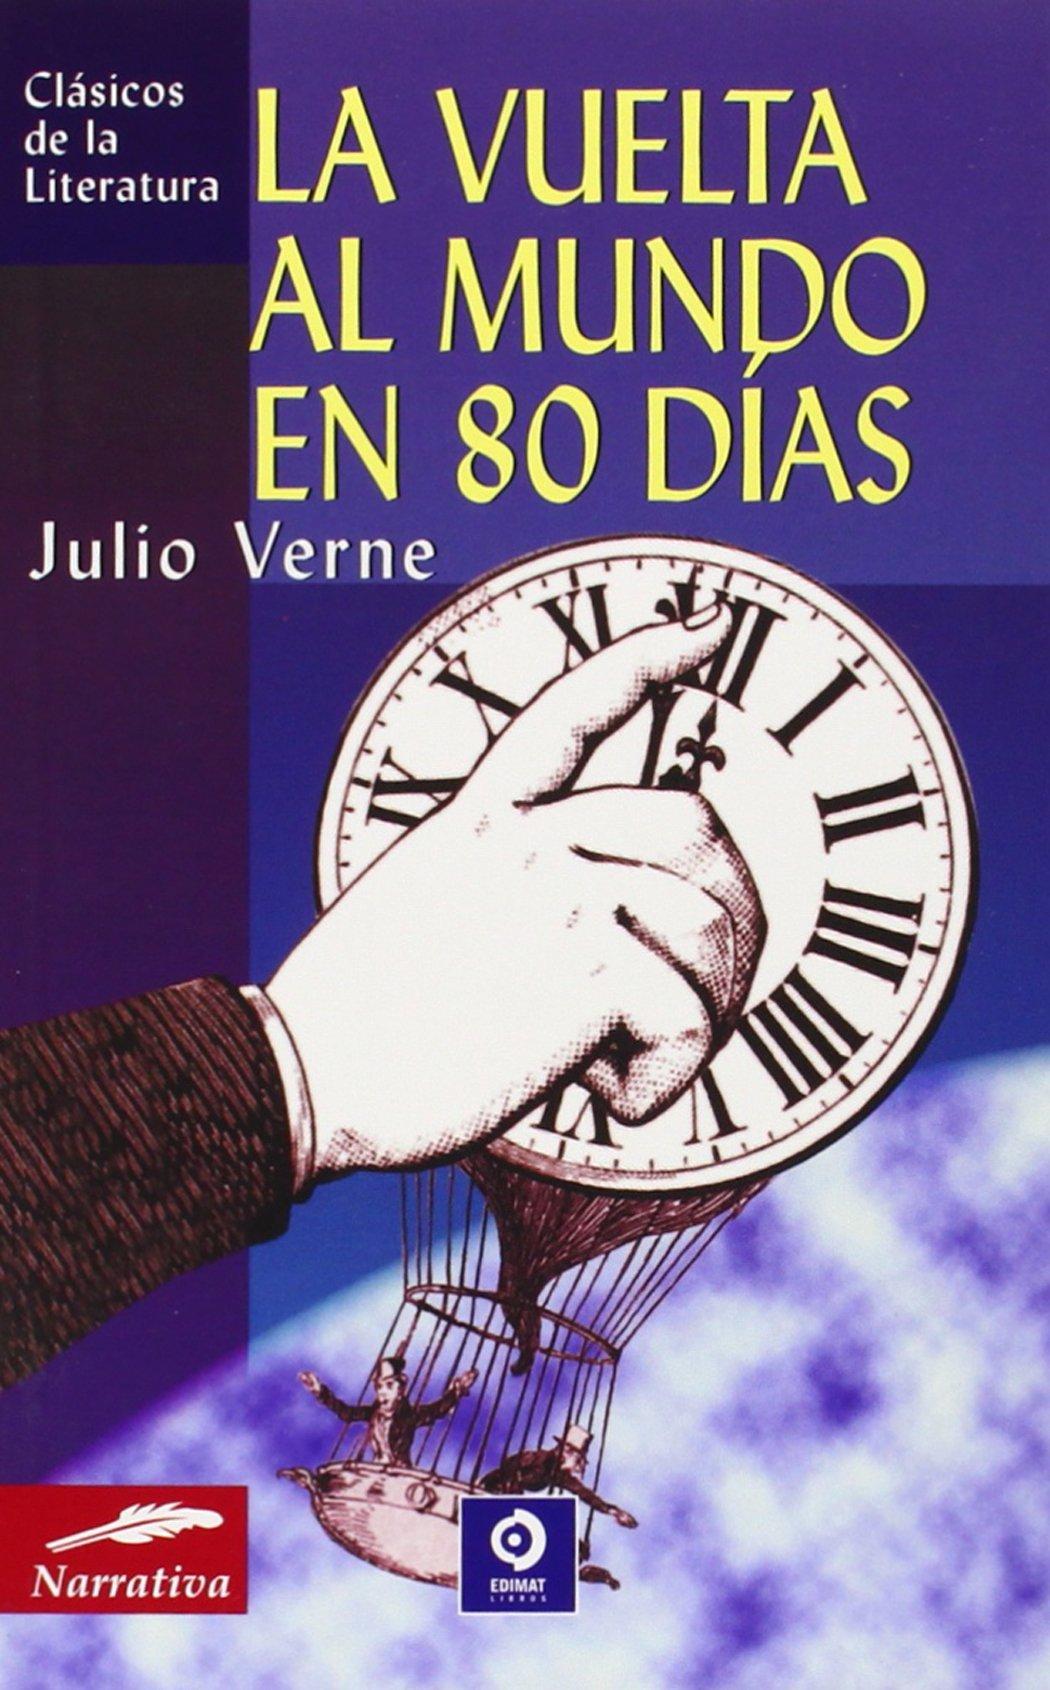 La vuelta al mundo en 80 días (Clásicos de la literatura universal) (Inglés) Libro de bolsillo – 1 oct 2004 Julio Verne Edimat Libros 8497645456 Action & Adventure